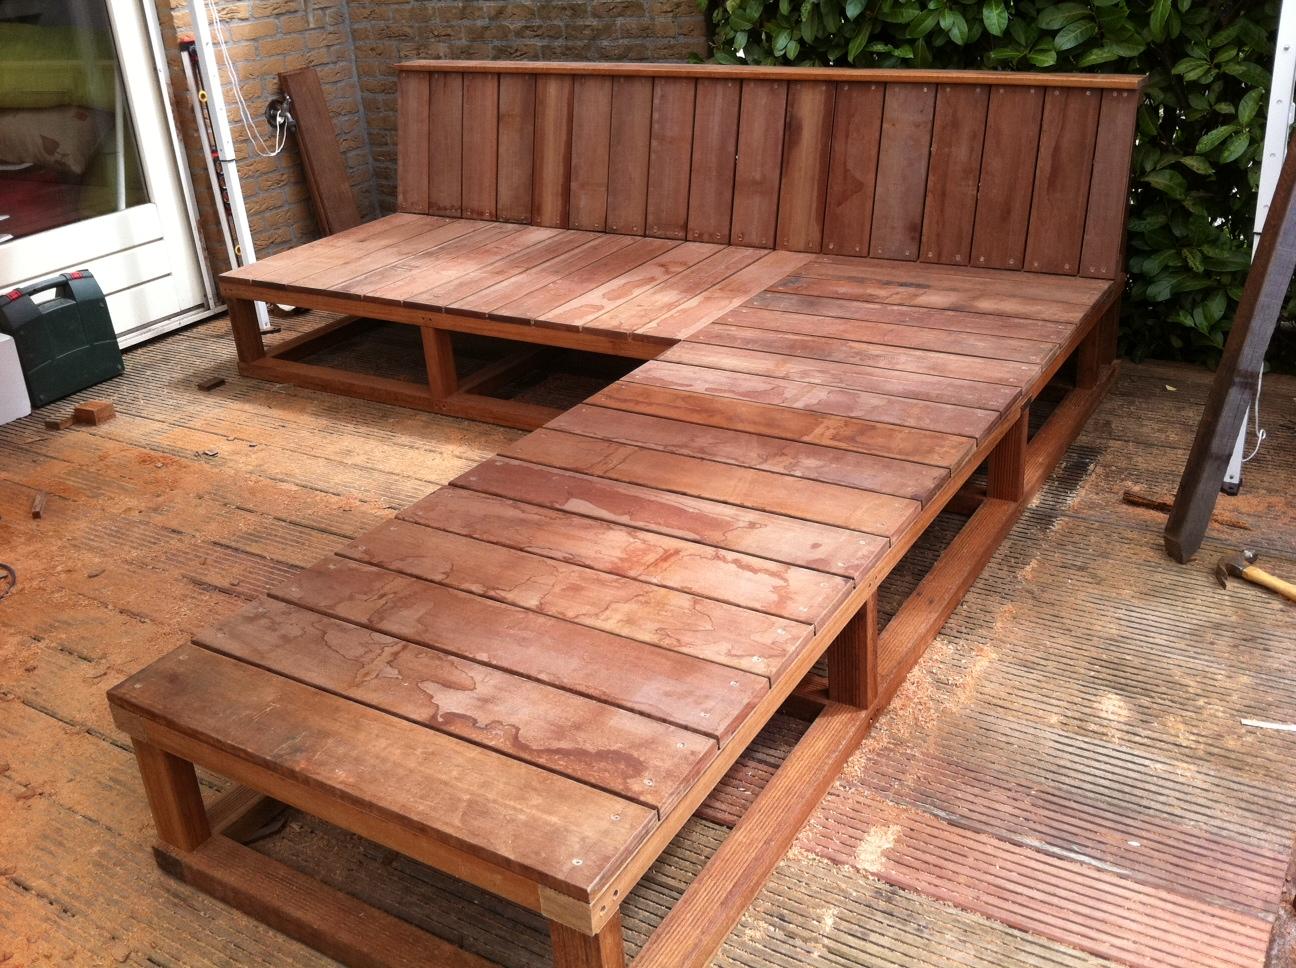 Bank Met Chaise Lounge  Buitenmeubels met lounges and garden loungers  Binnenkijken in bussum na